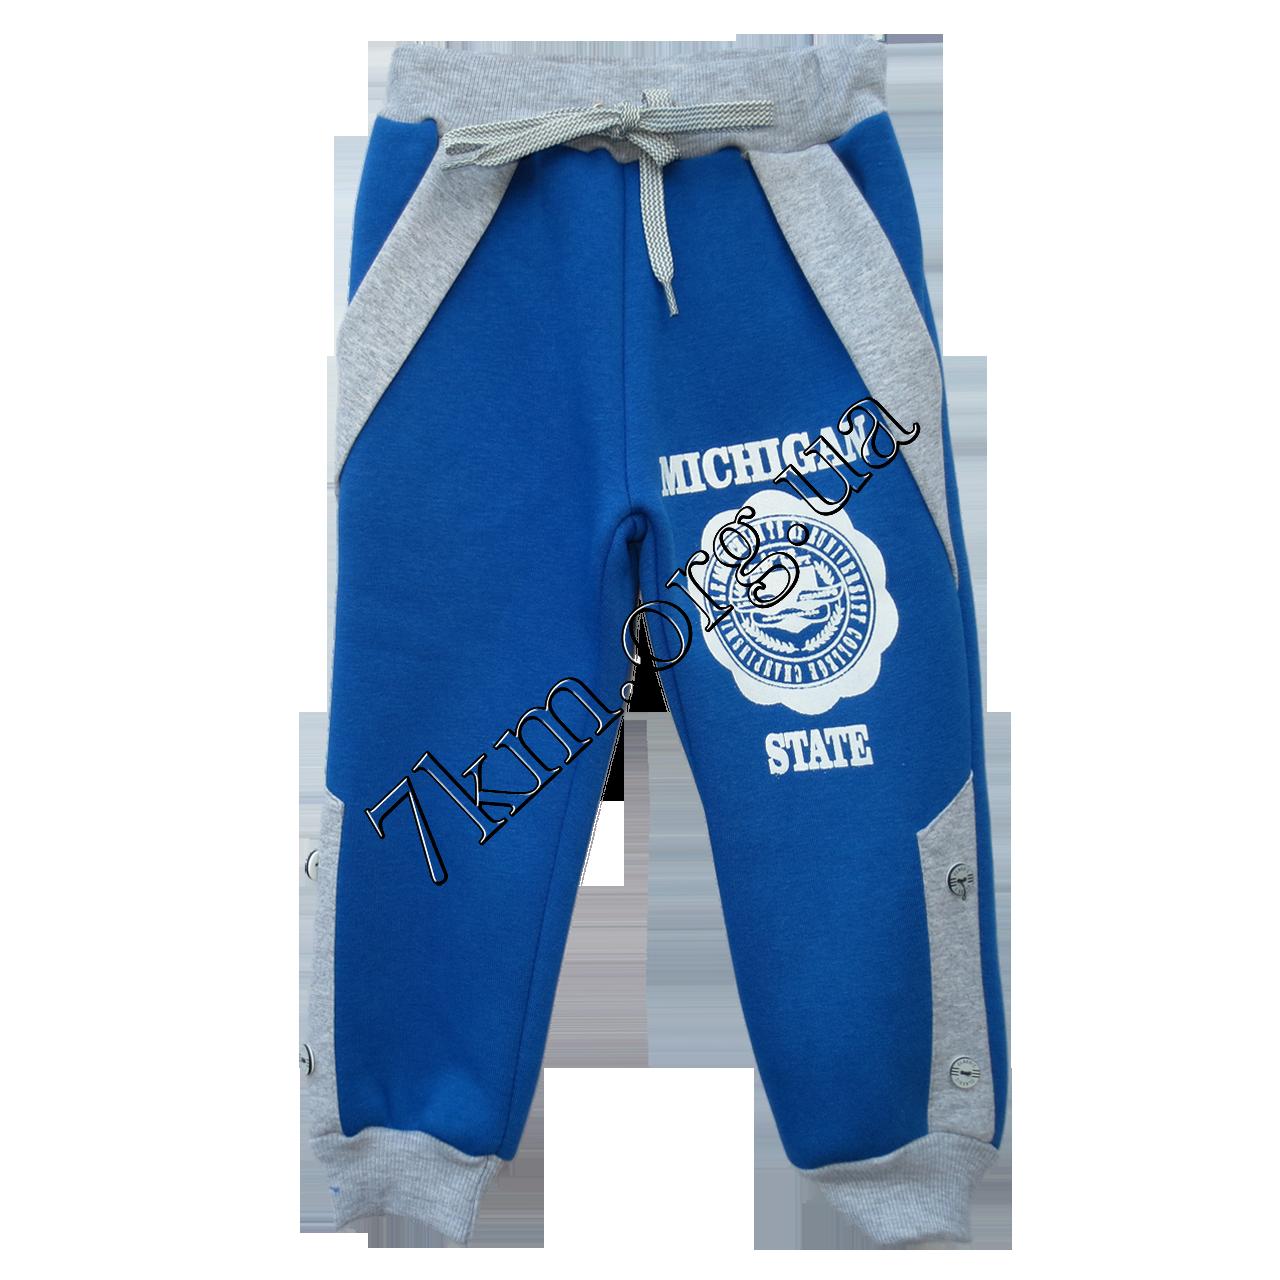 Спортивные штаны MICHIGAN для мальчиков (2-5лет) Электрик